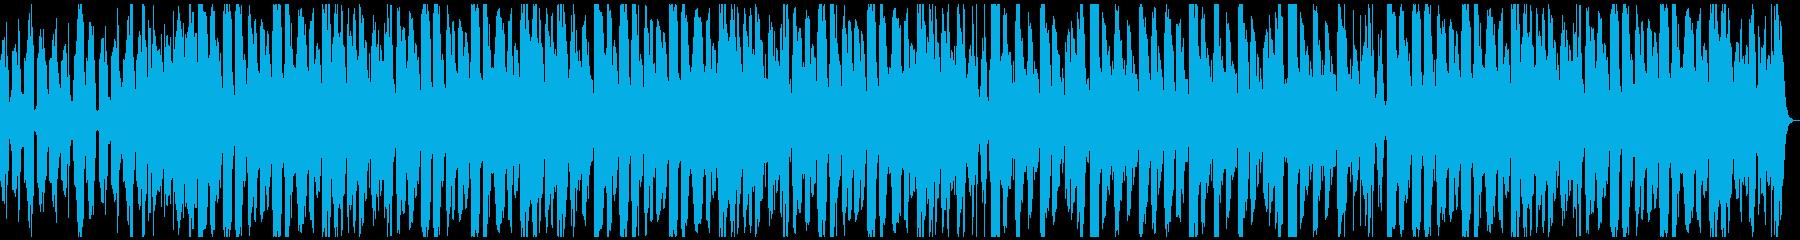 レトロな雰囲気と軽やかなリズム曲の再生済みの波形